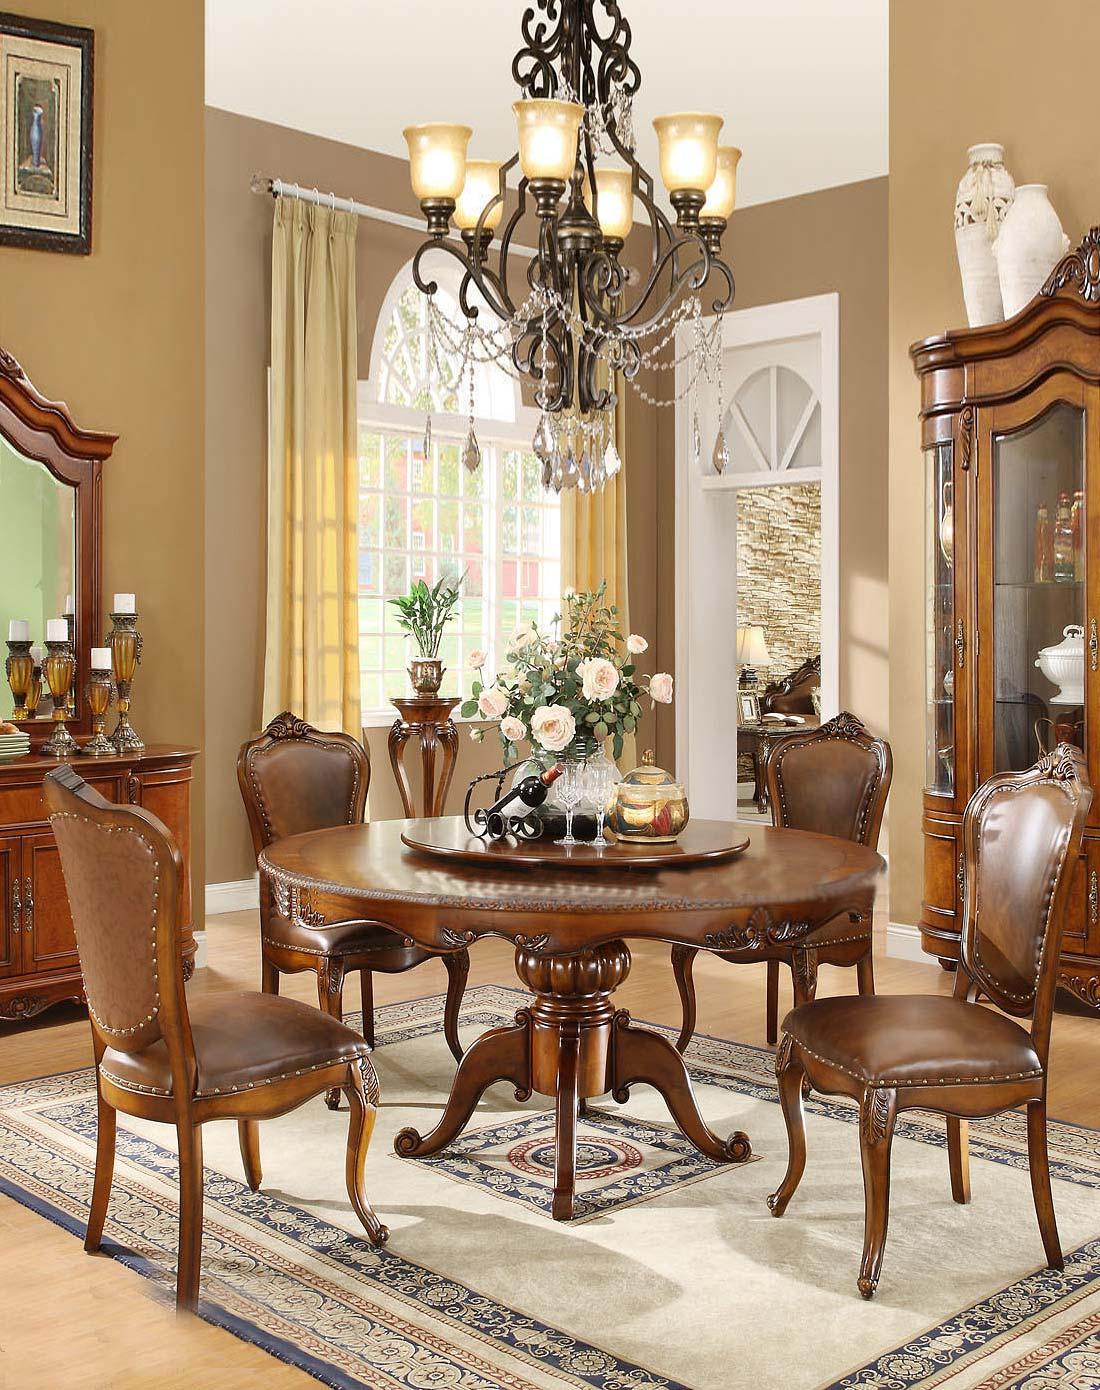 美式实木家具圆餐桌